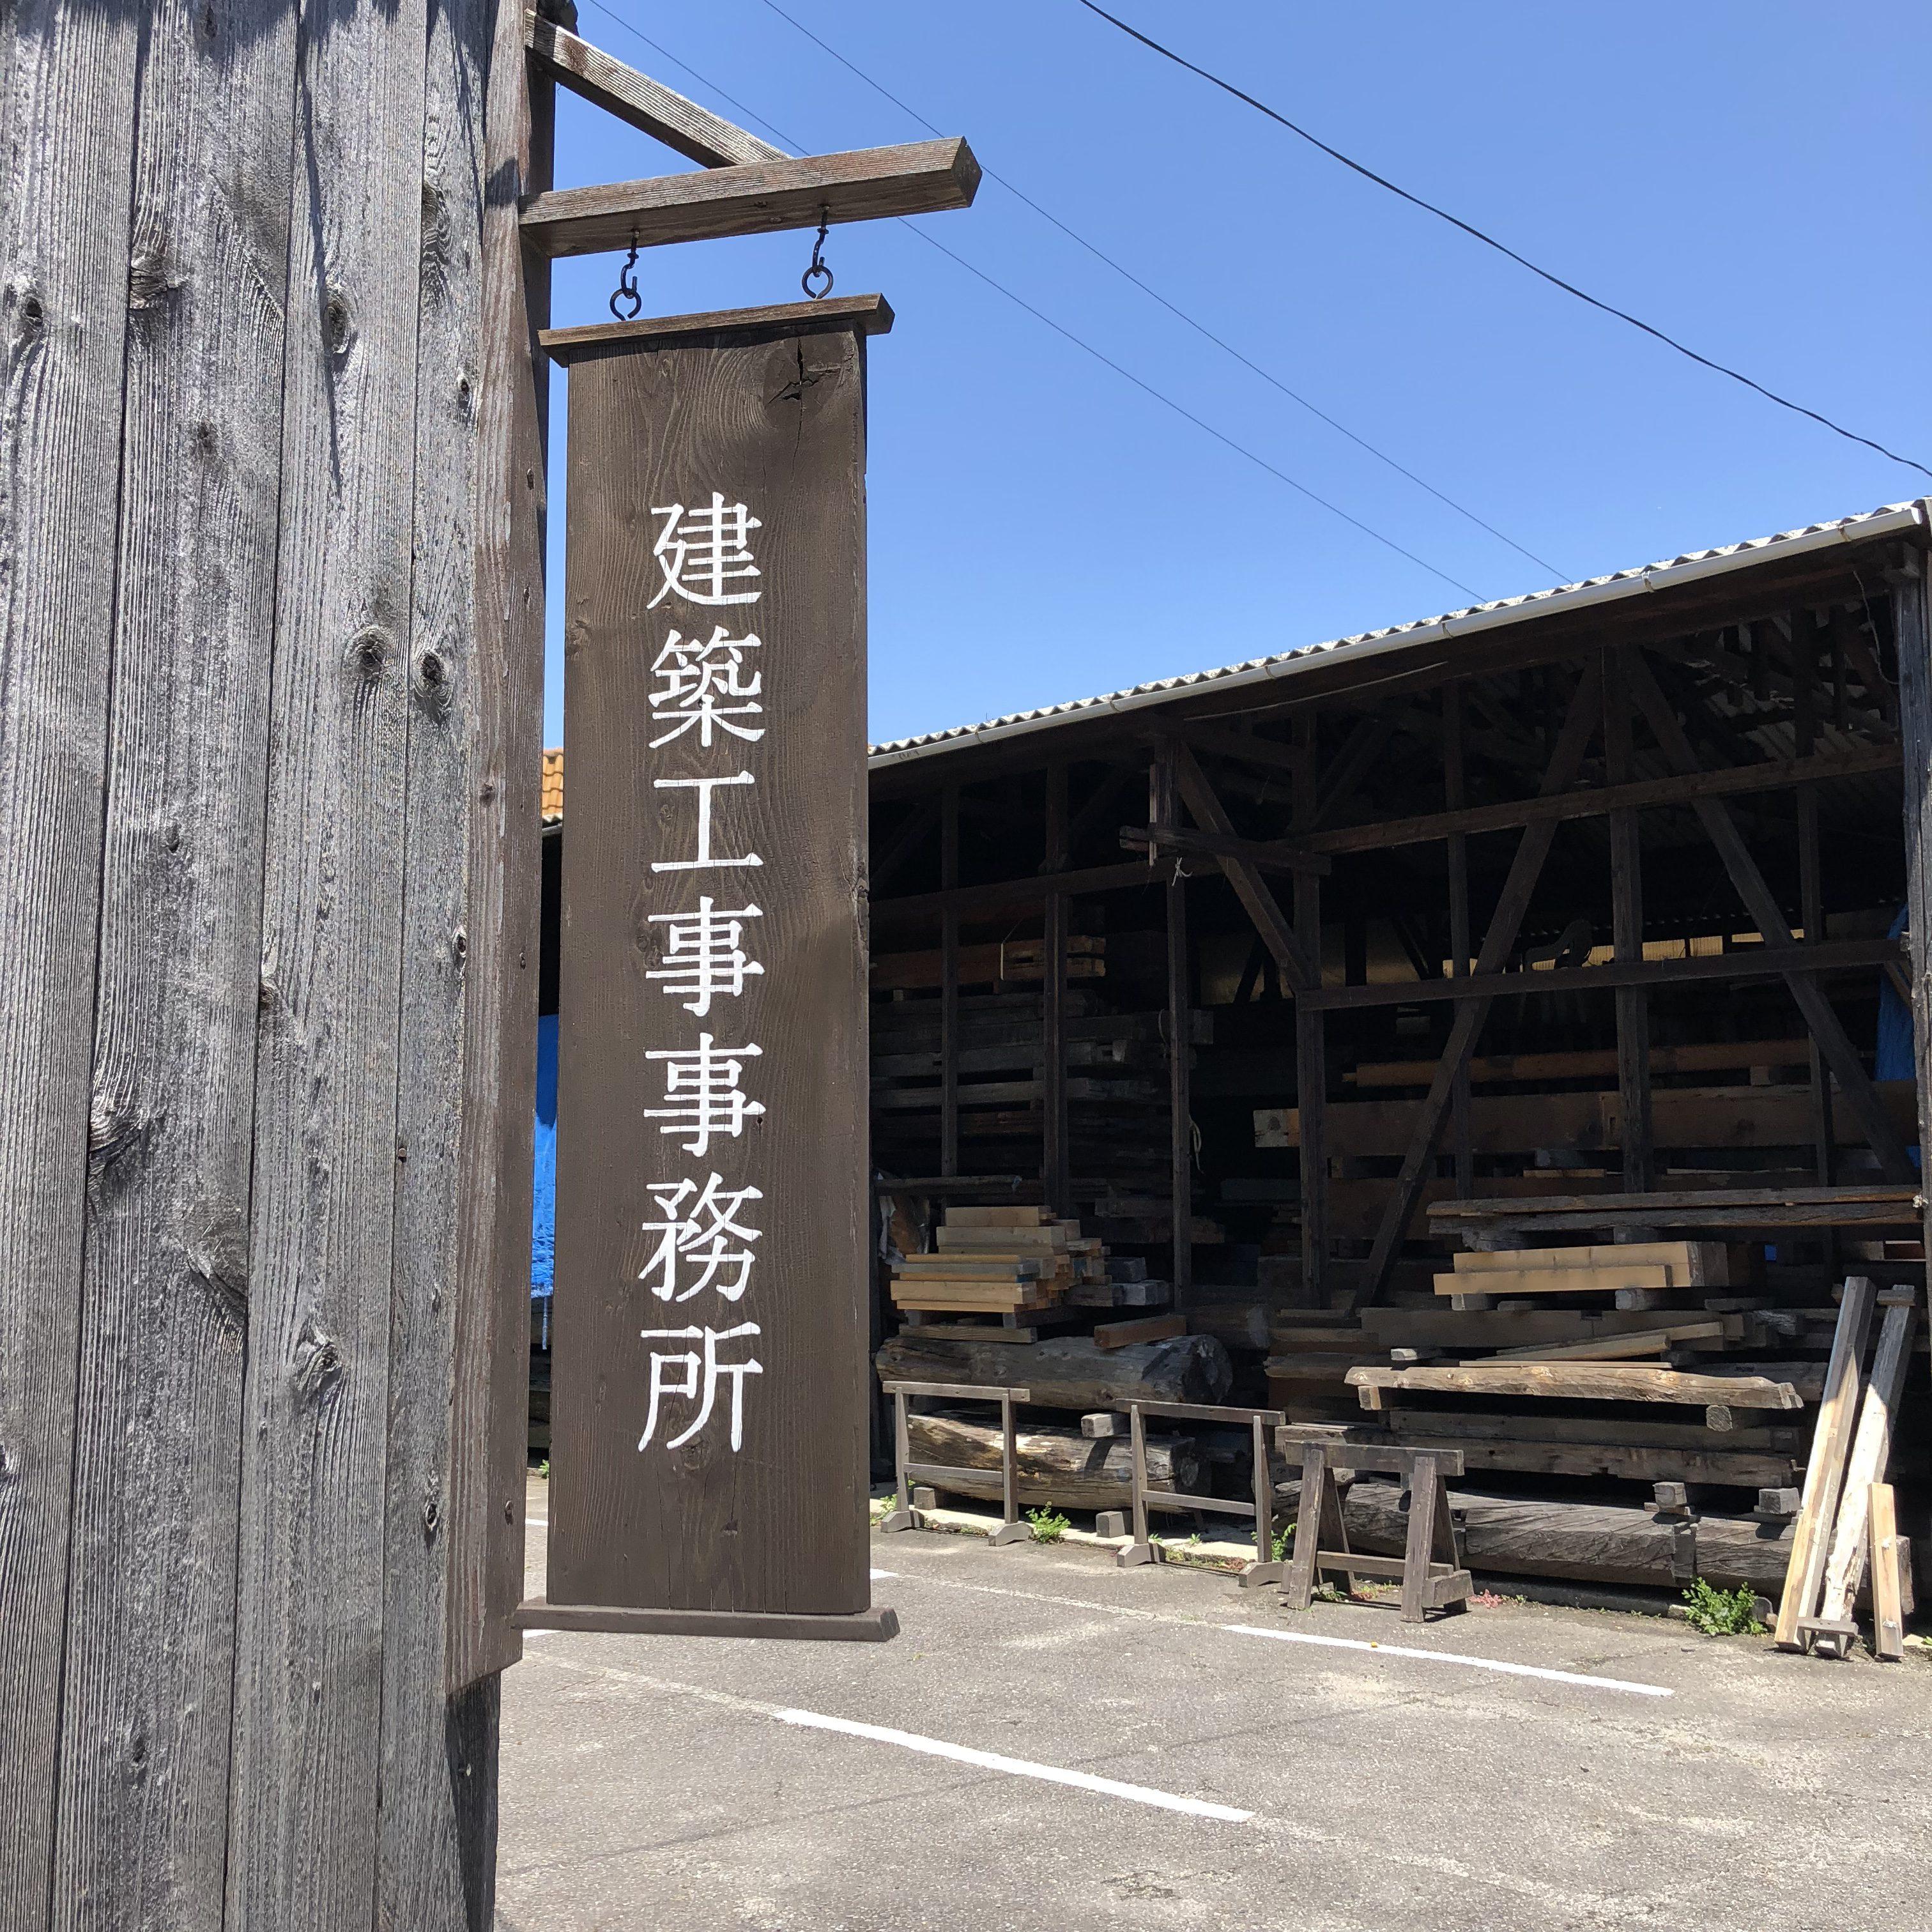 愛知県碧南市の建築会社が製作する手づくり看板のおススメ